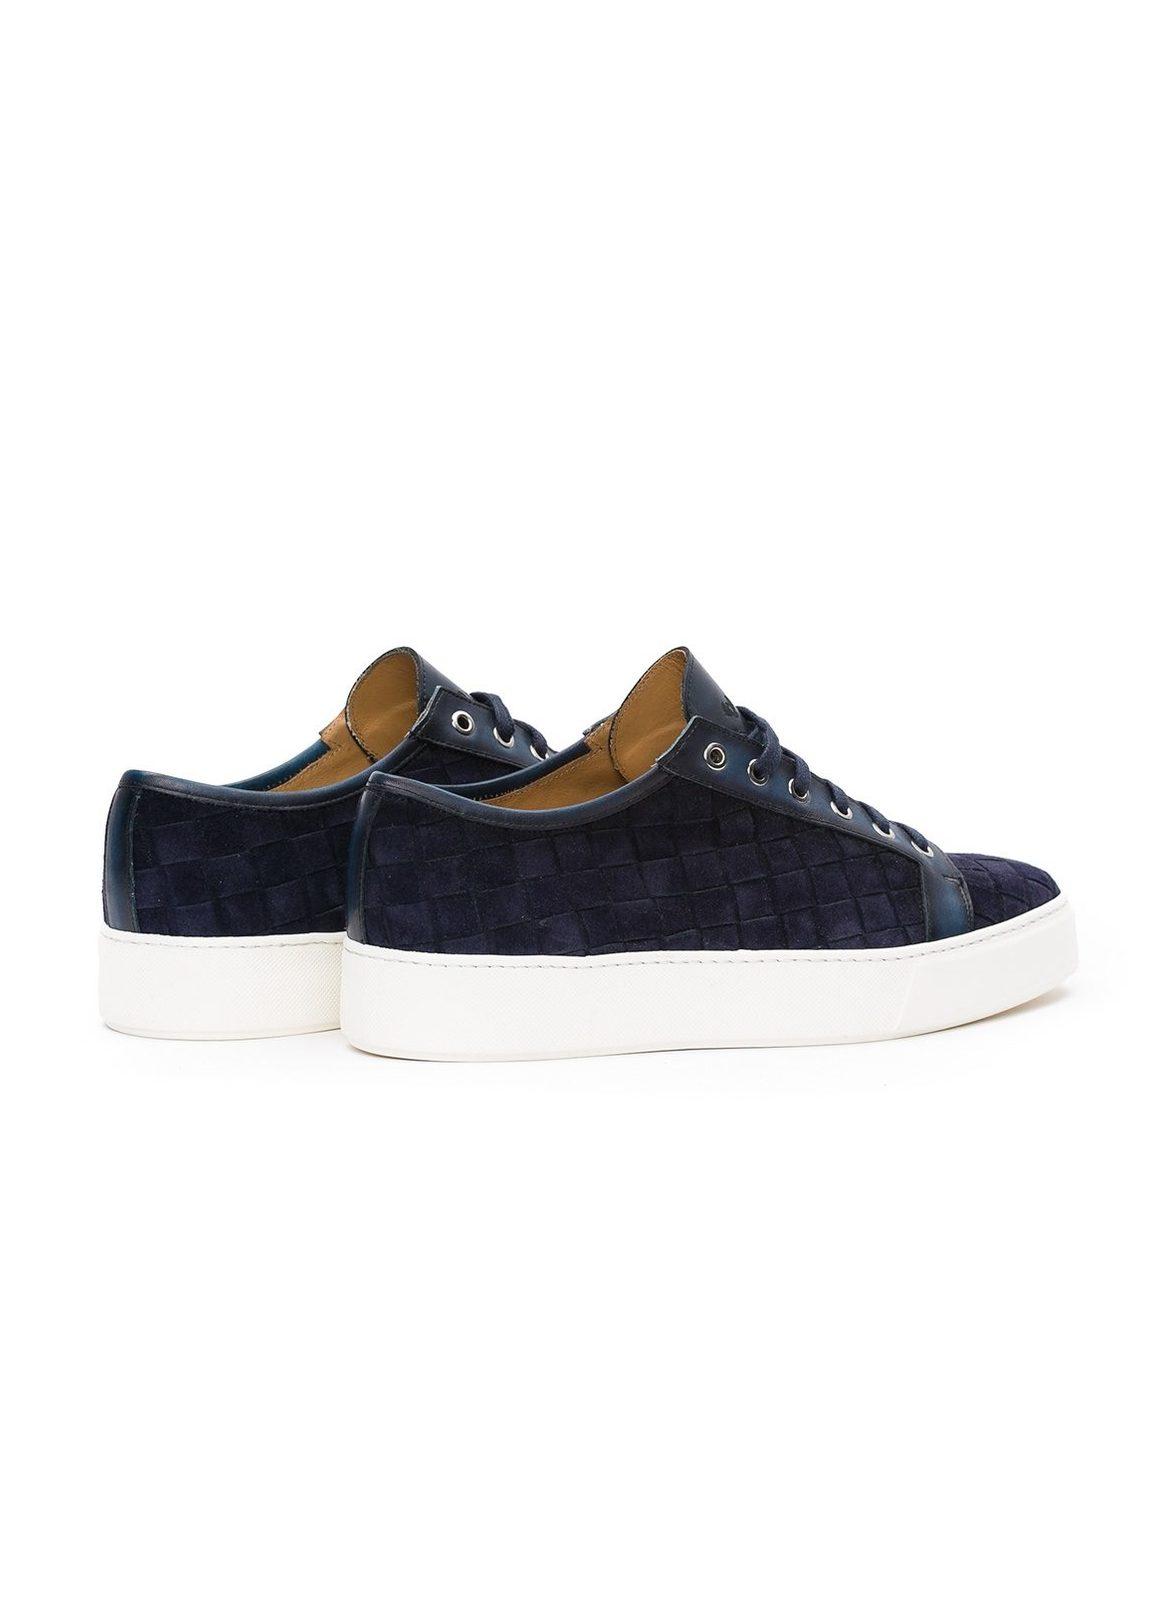 Zapato Sport wear color azul marino,100% Serraje. - Ítem1